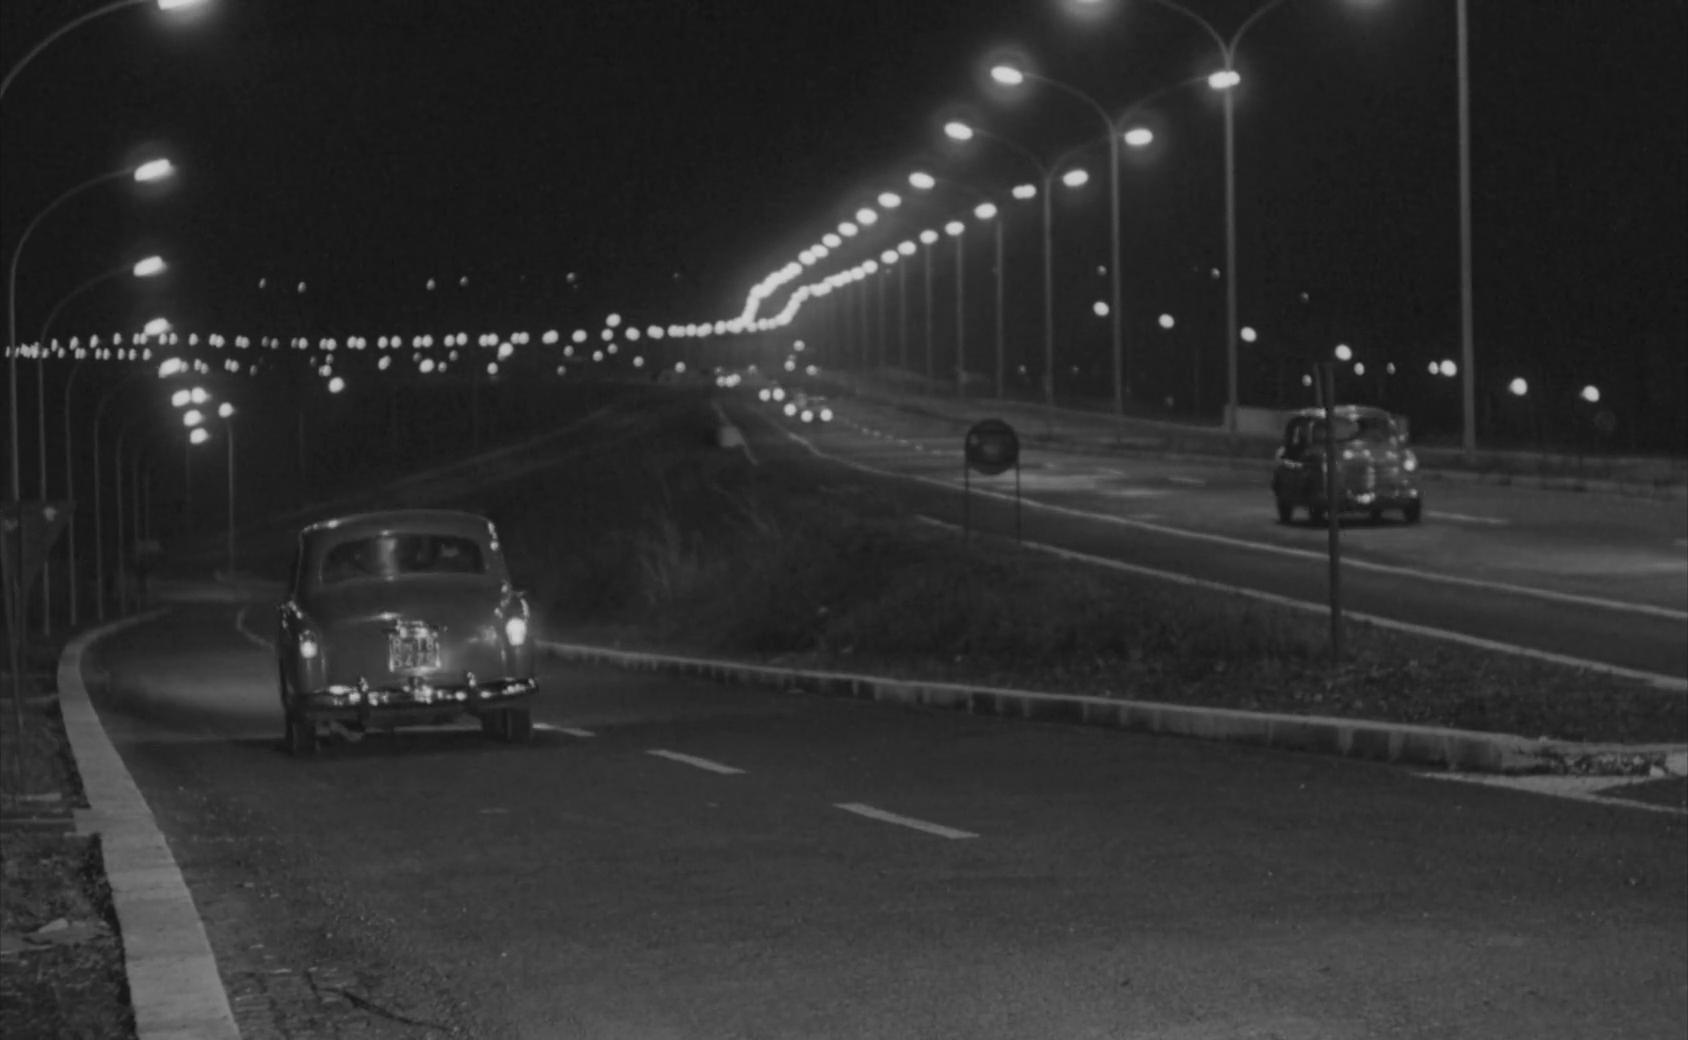 悠悠MP4_MP4电影下载_暴力人生 Violent.Life.1962.ITALIAN.1080p.WEBRip.x264-VXT 2.04GB